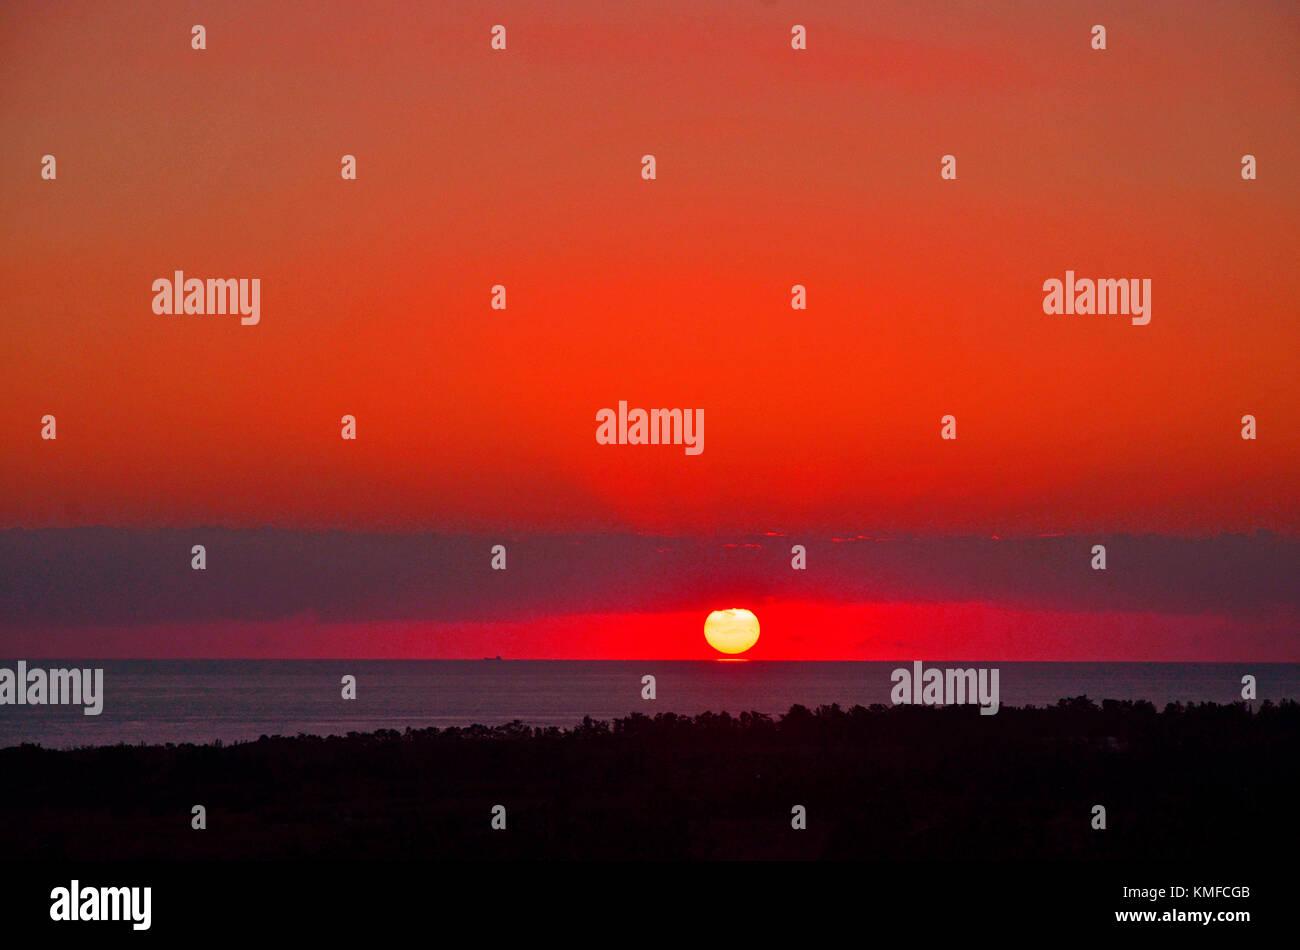 Un stunnig coucher de soleil sur la mer paphos, Paphos Chypre renouned pour ses couchers de soleil Photo Stock